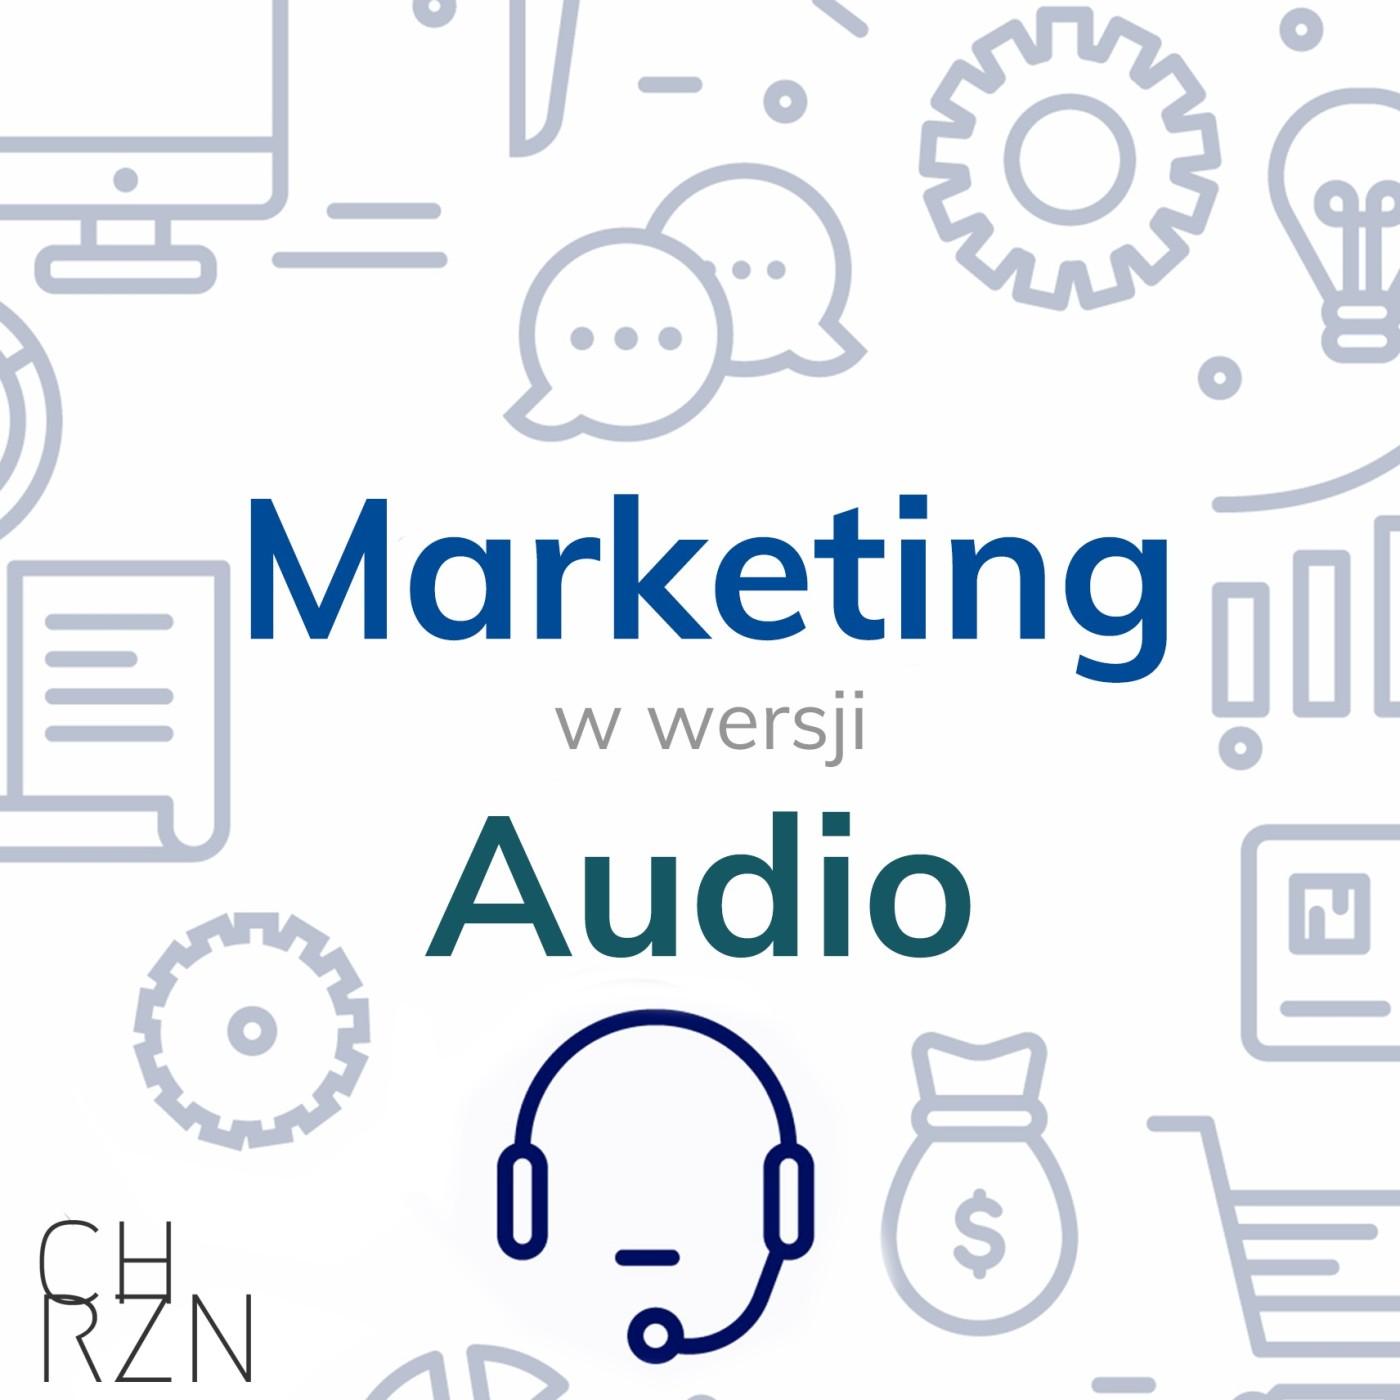 MWWA #77 Jak zacząć uczyć się reklamy na Facebooku i Instagramie w 9 krokach